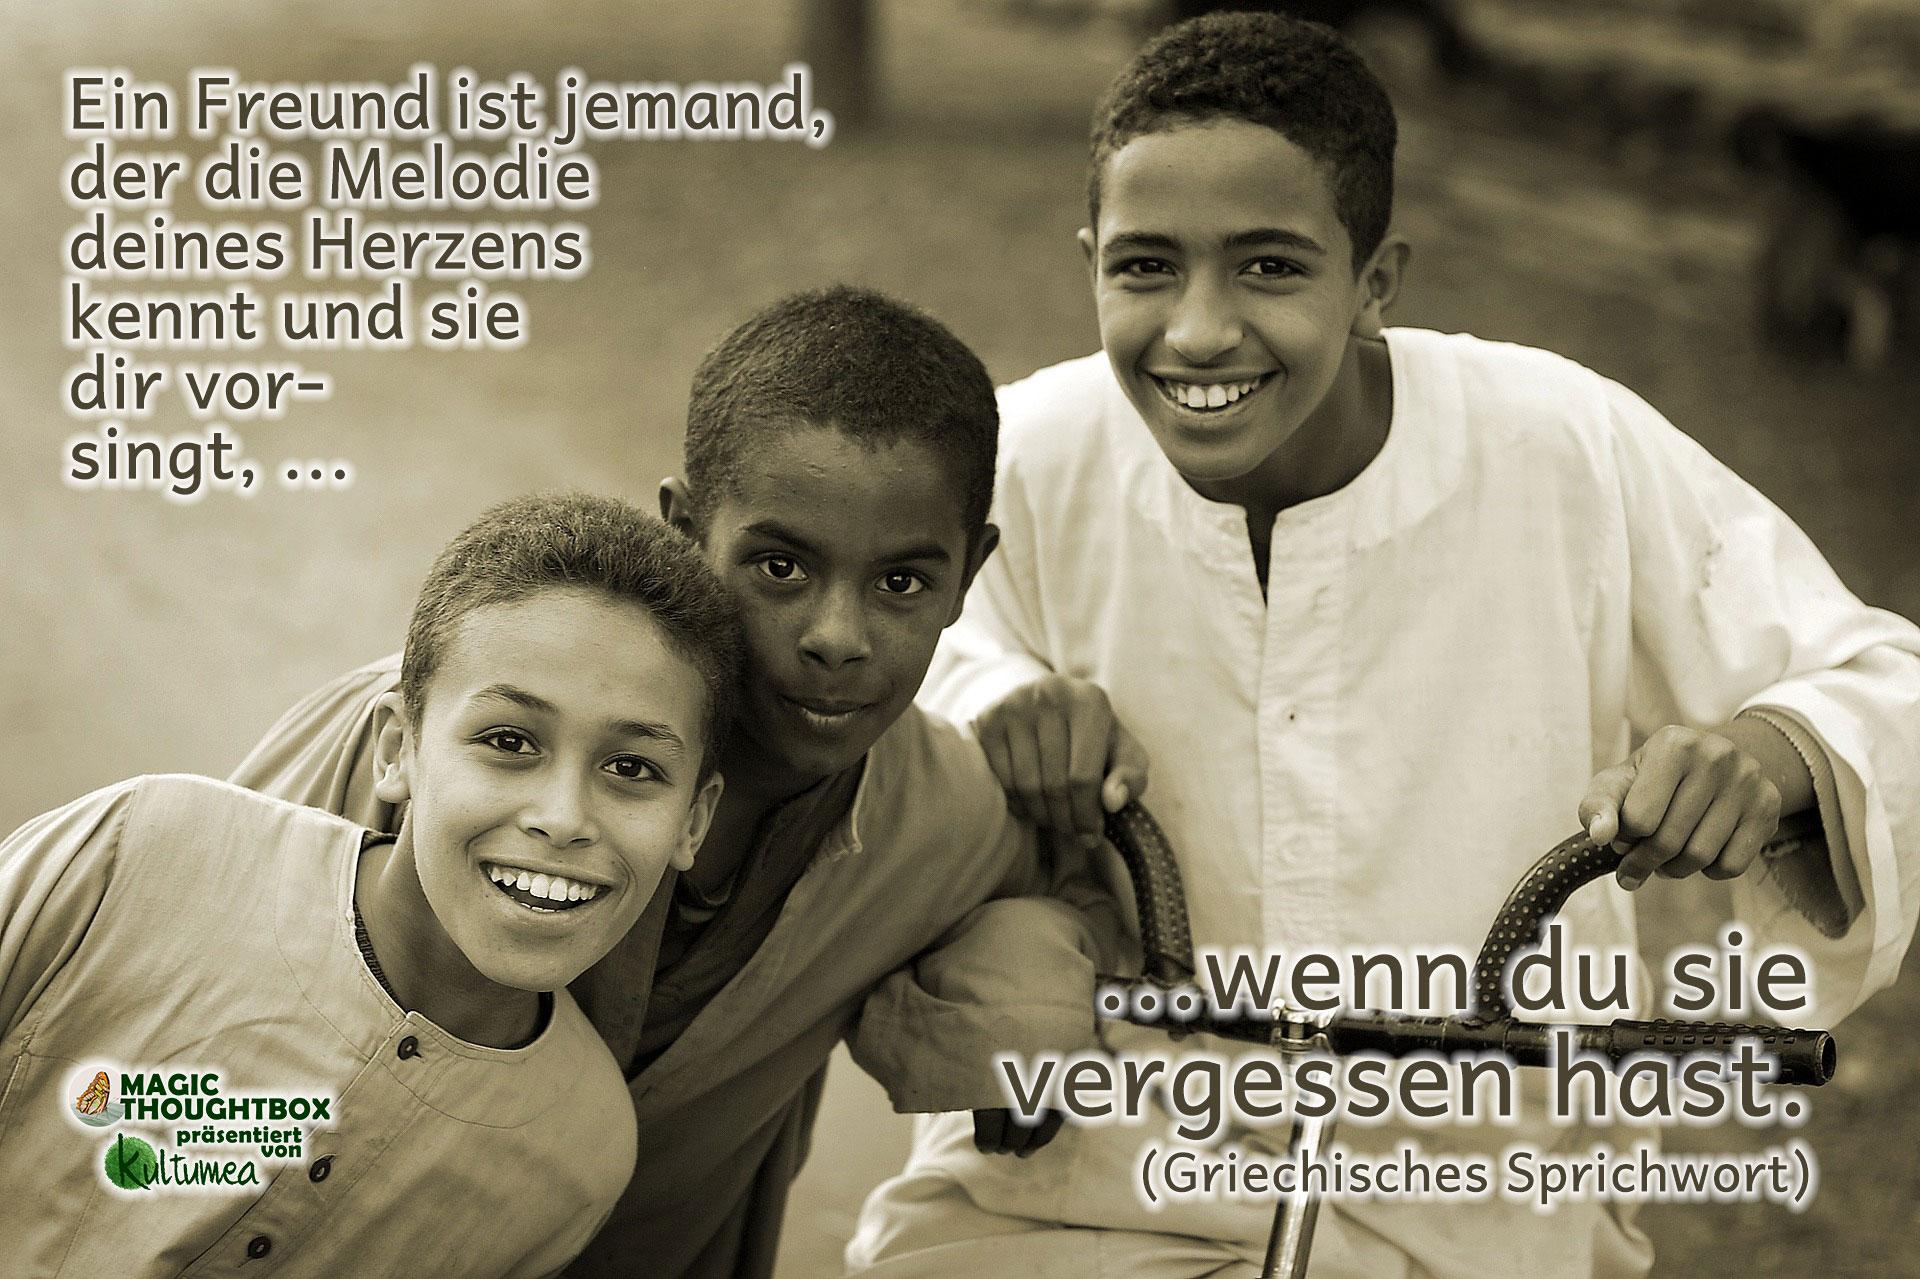 Ein Freund ist jemand, der die Melodie deines Herzens kennt und sie dir vorsingt, wenn du sie vergessen hast. (Griechisches Sprichwort)